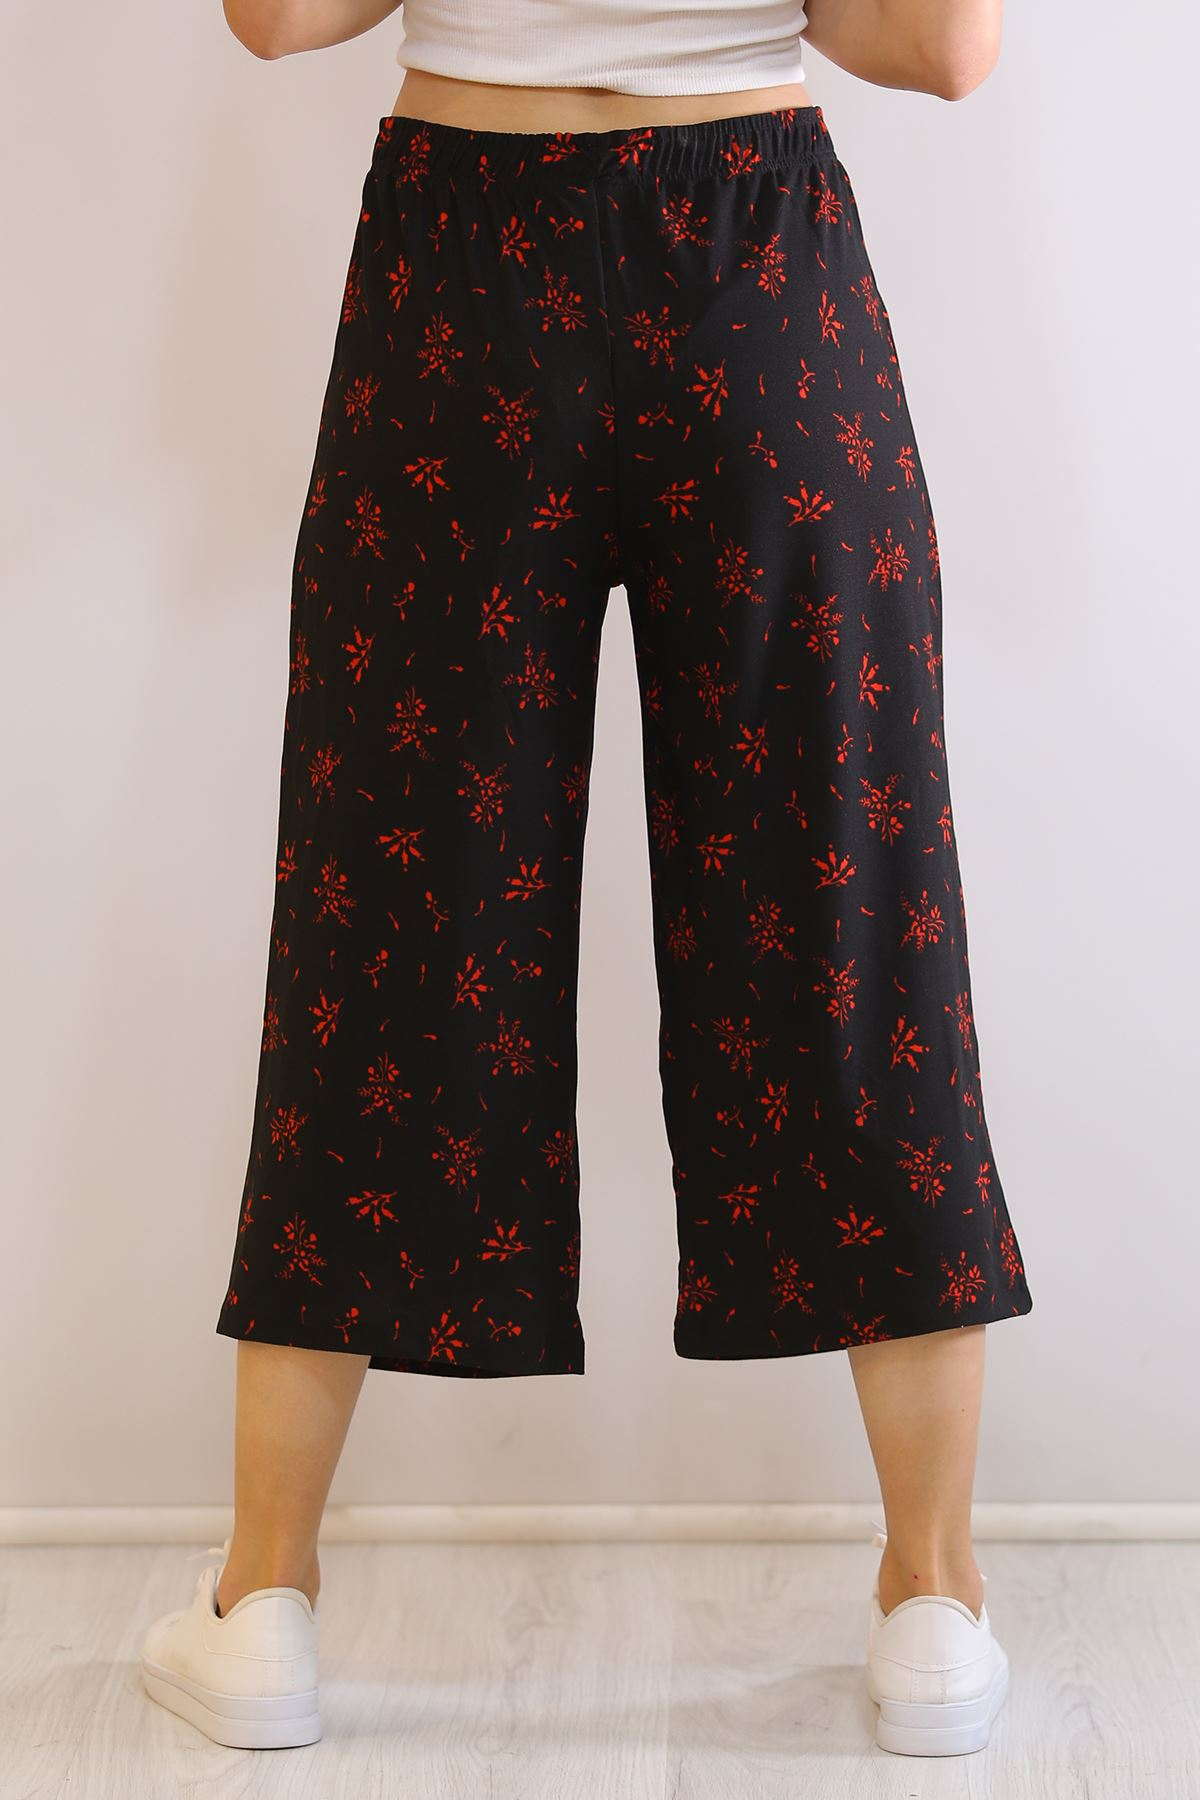 Örme Krep Pantolon Siyahkırmızı - 19276.200.